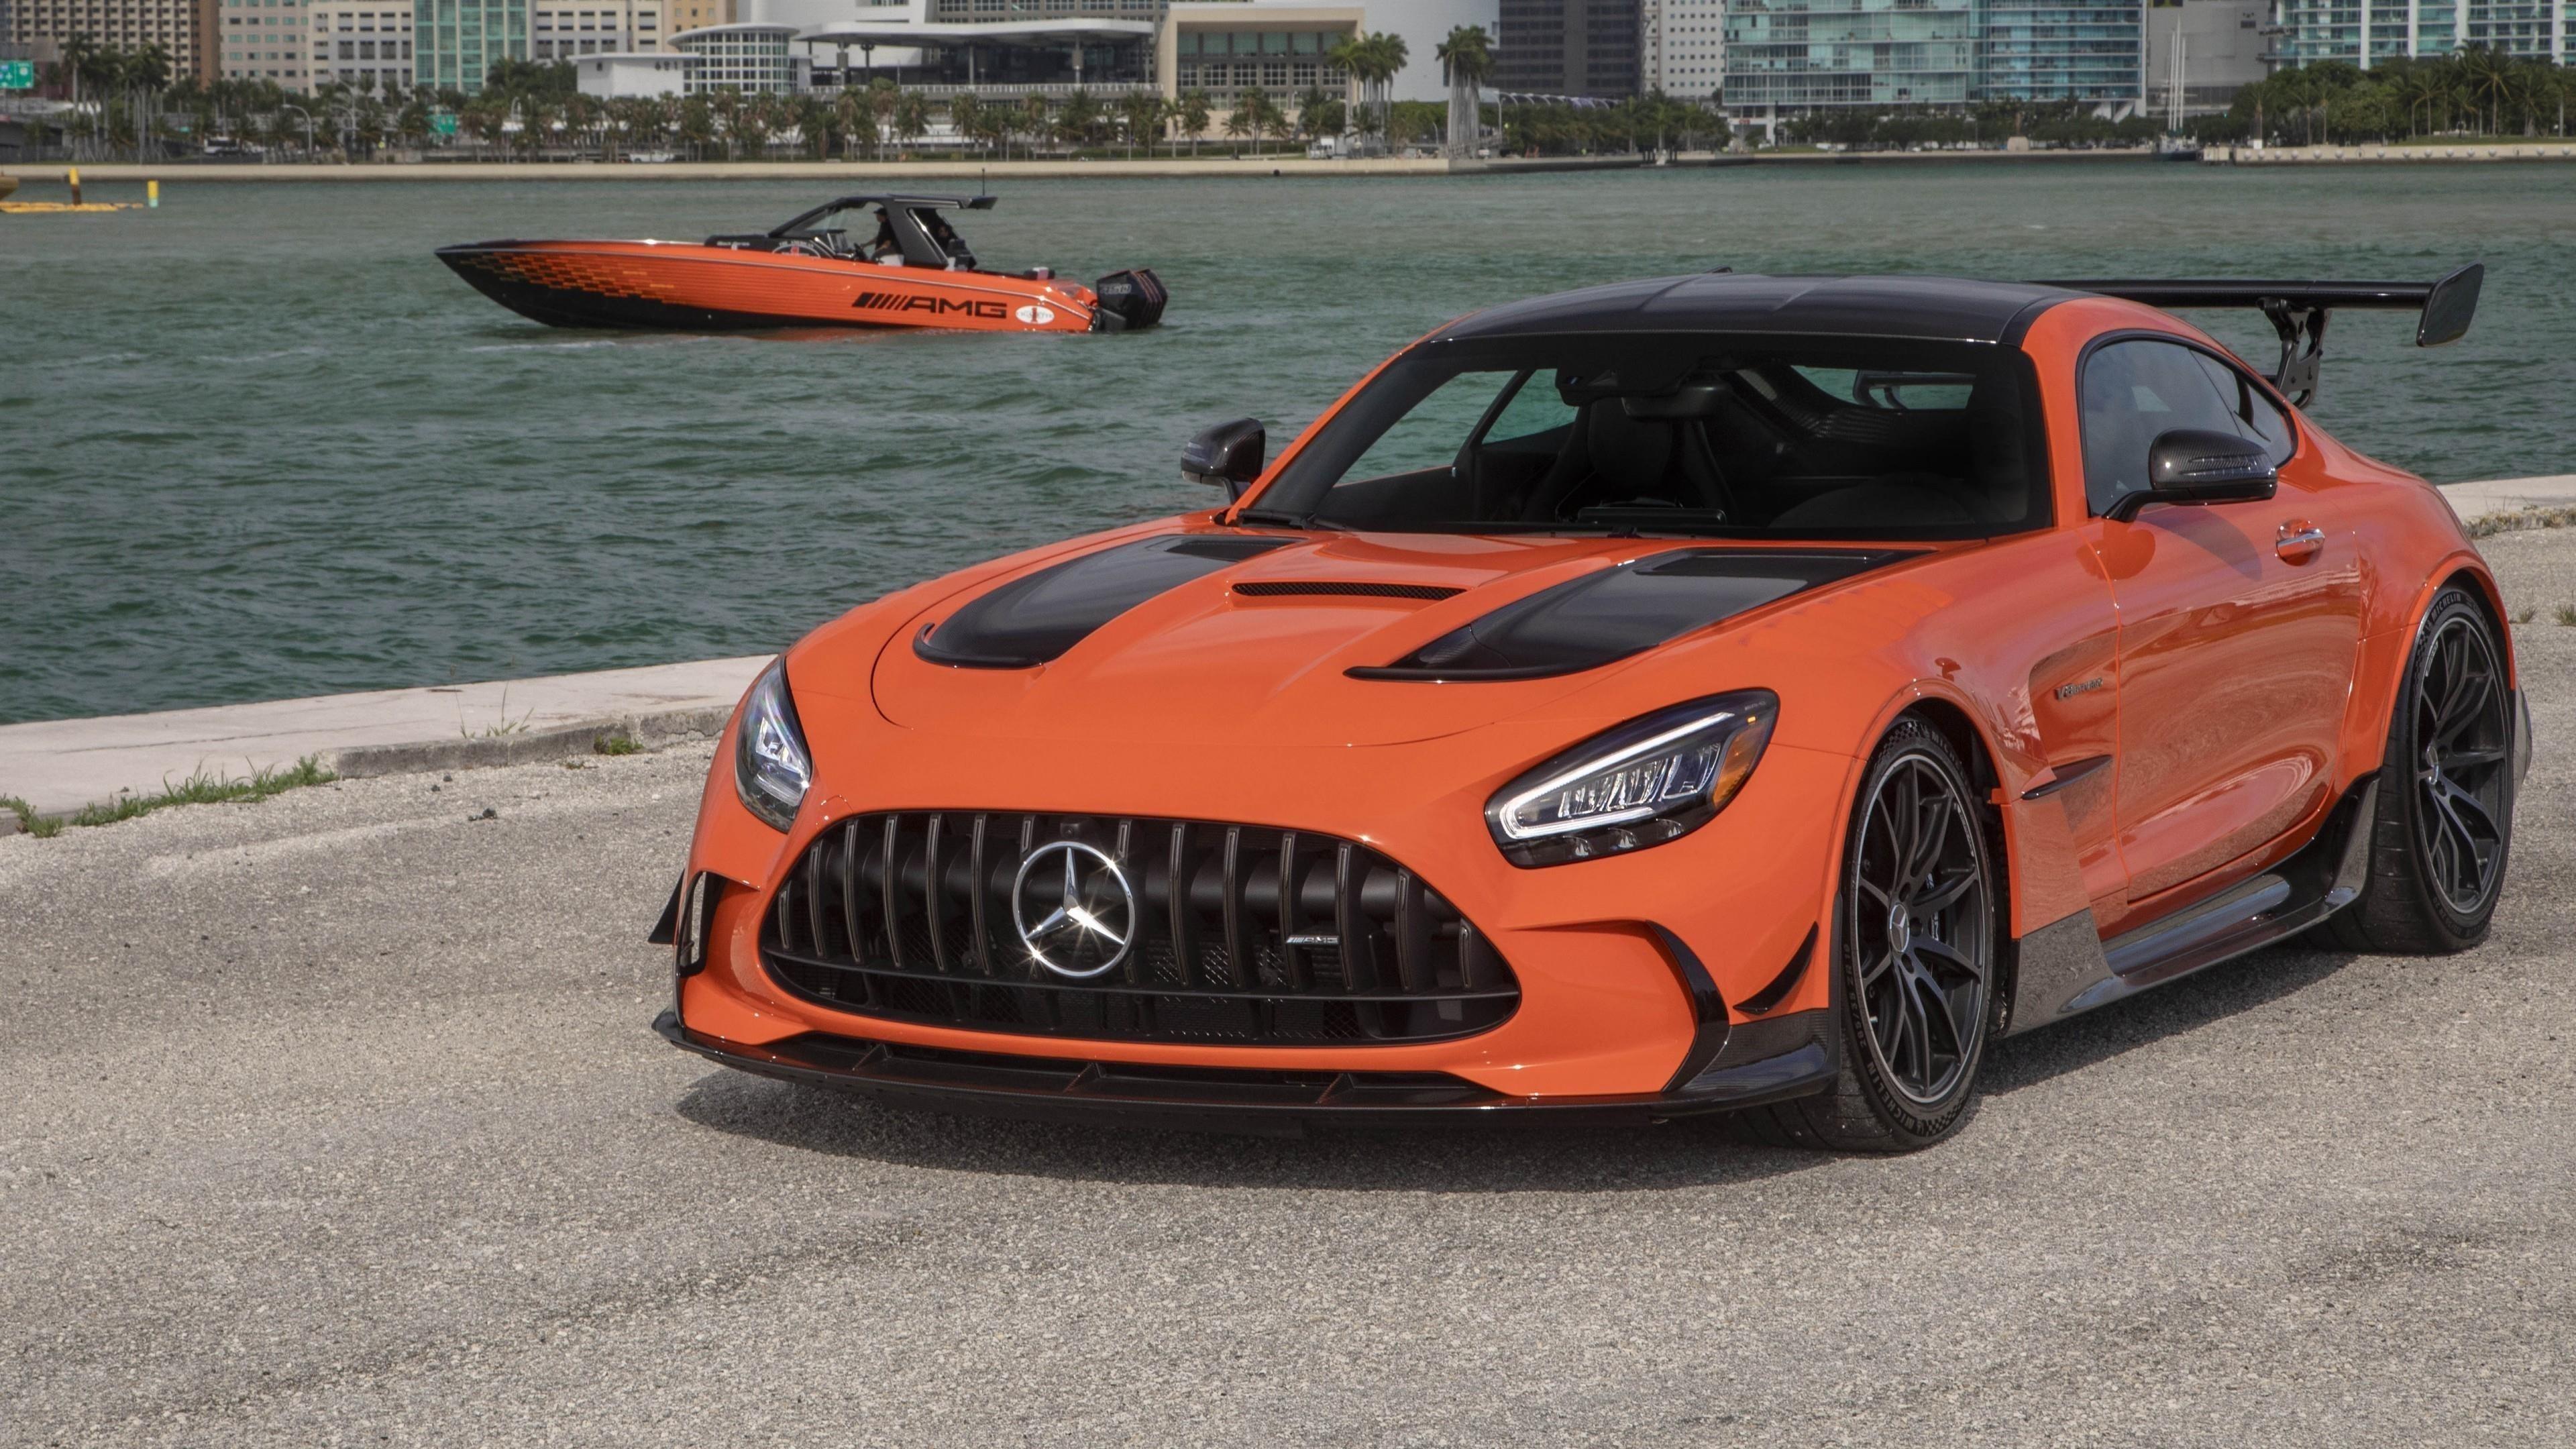 Mercedes amg gt черная серия 2021 3 автомобиля обои скачать